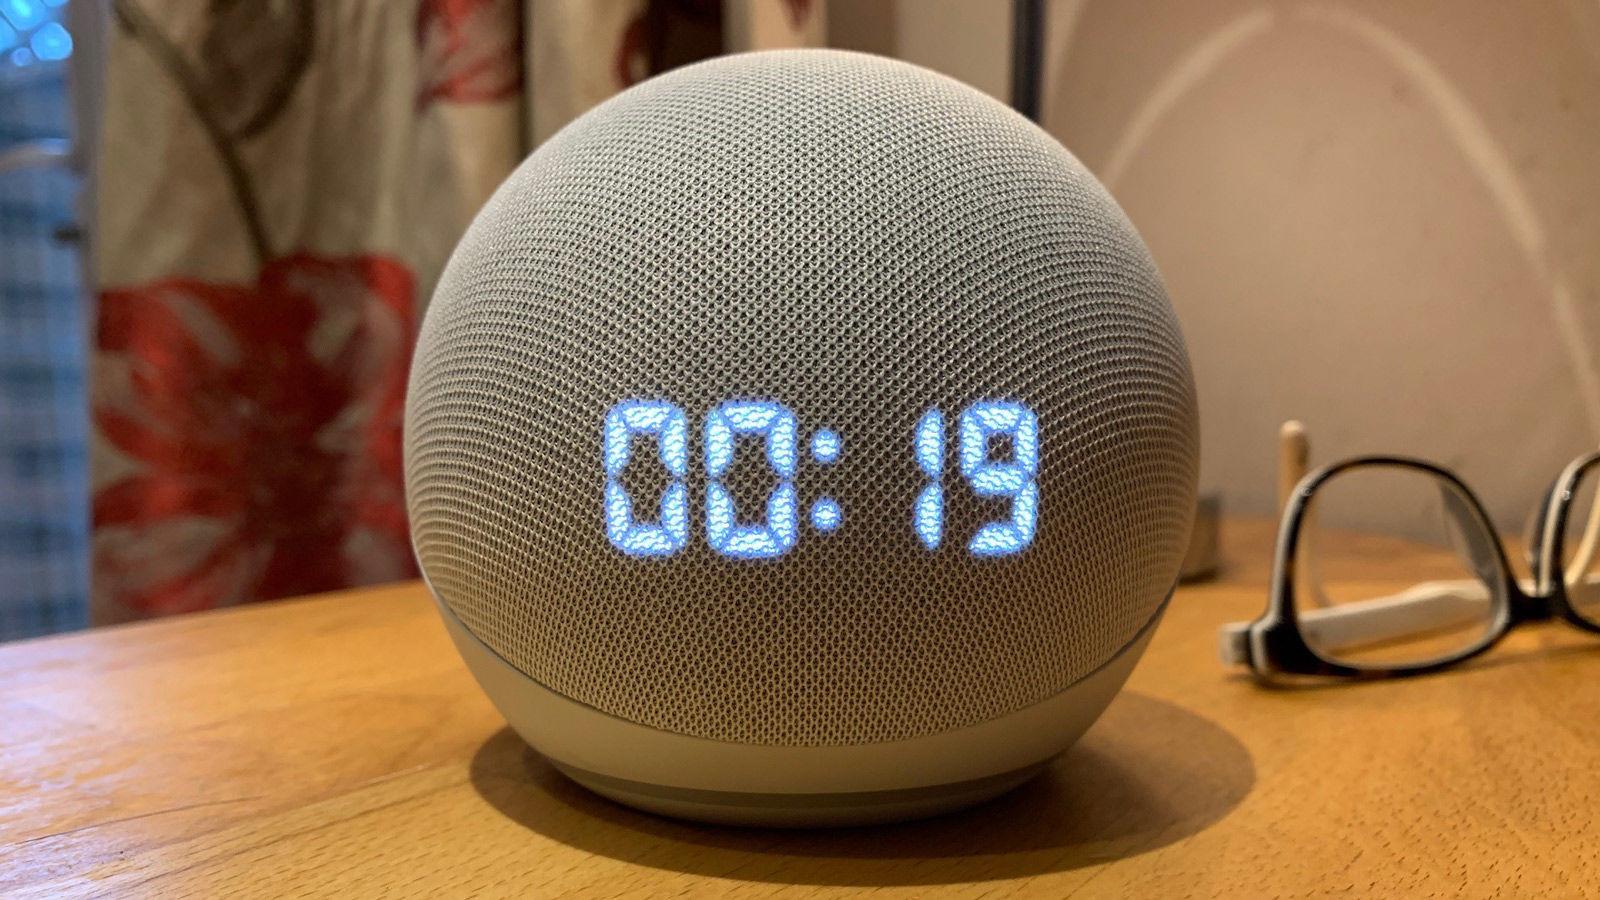 Ofertas de Echo Dot con reloj